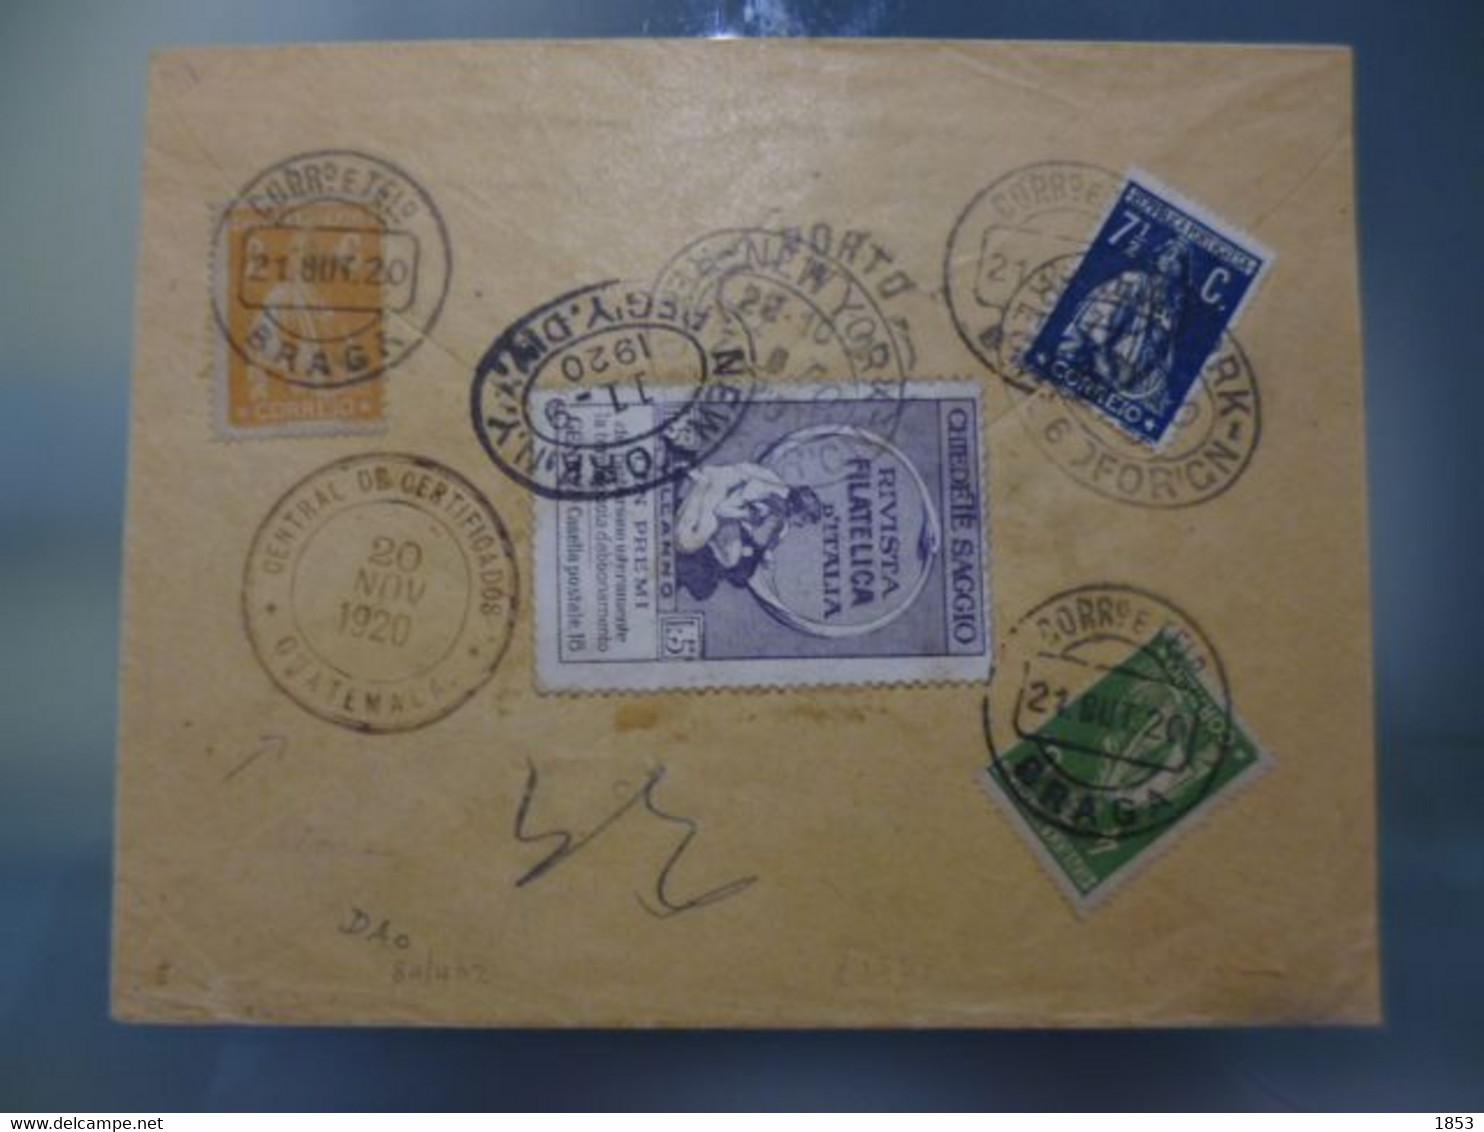 TIPO CERES - REGISTO DE BRAGA COM DESTINO GUATEMALA - Covers & Documents